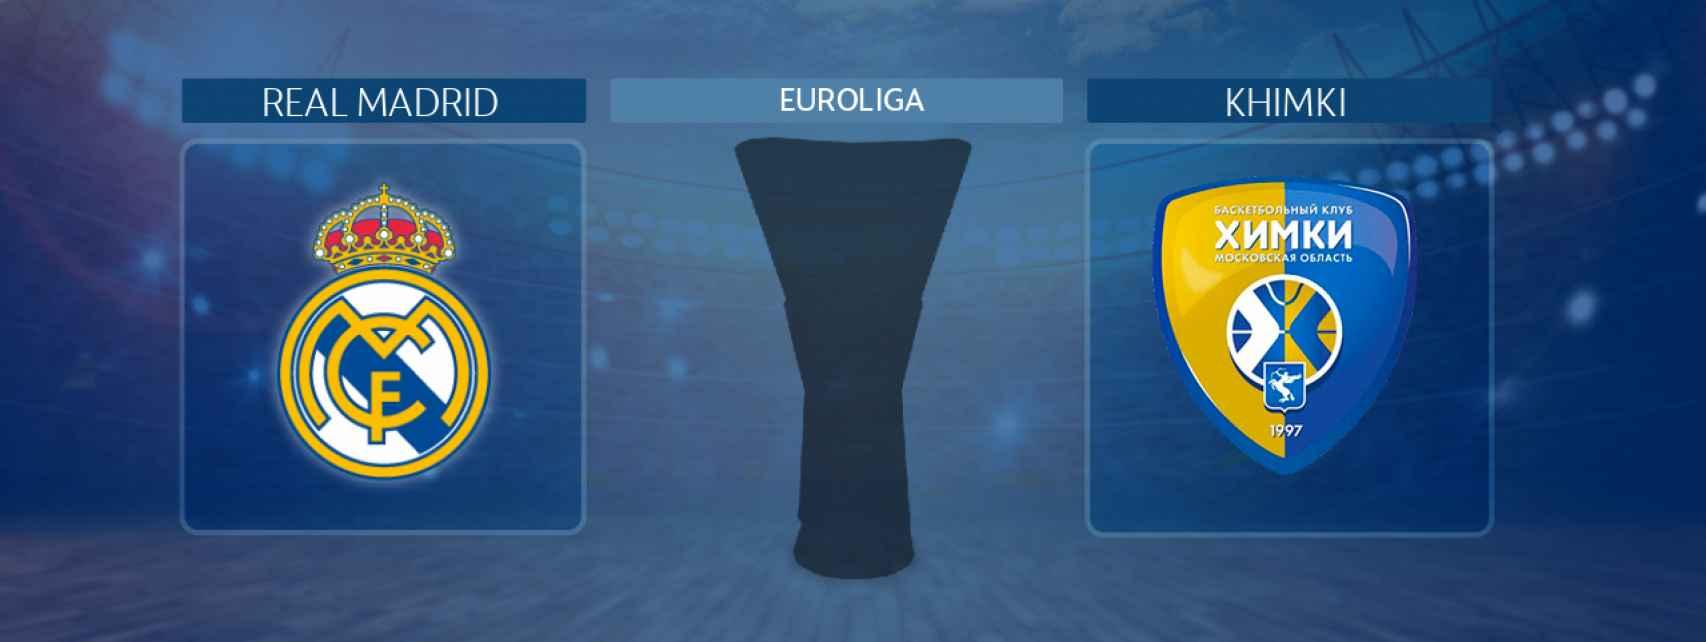 Real Madrid - Khimki, partido de la Euroliga